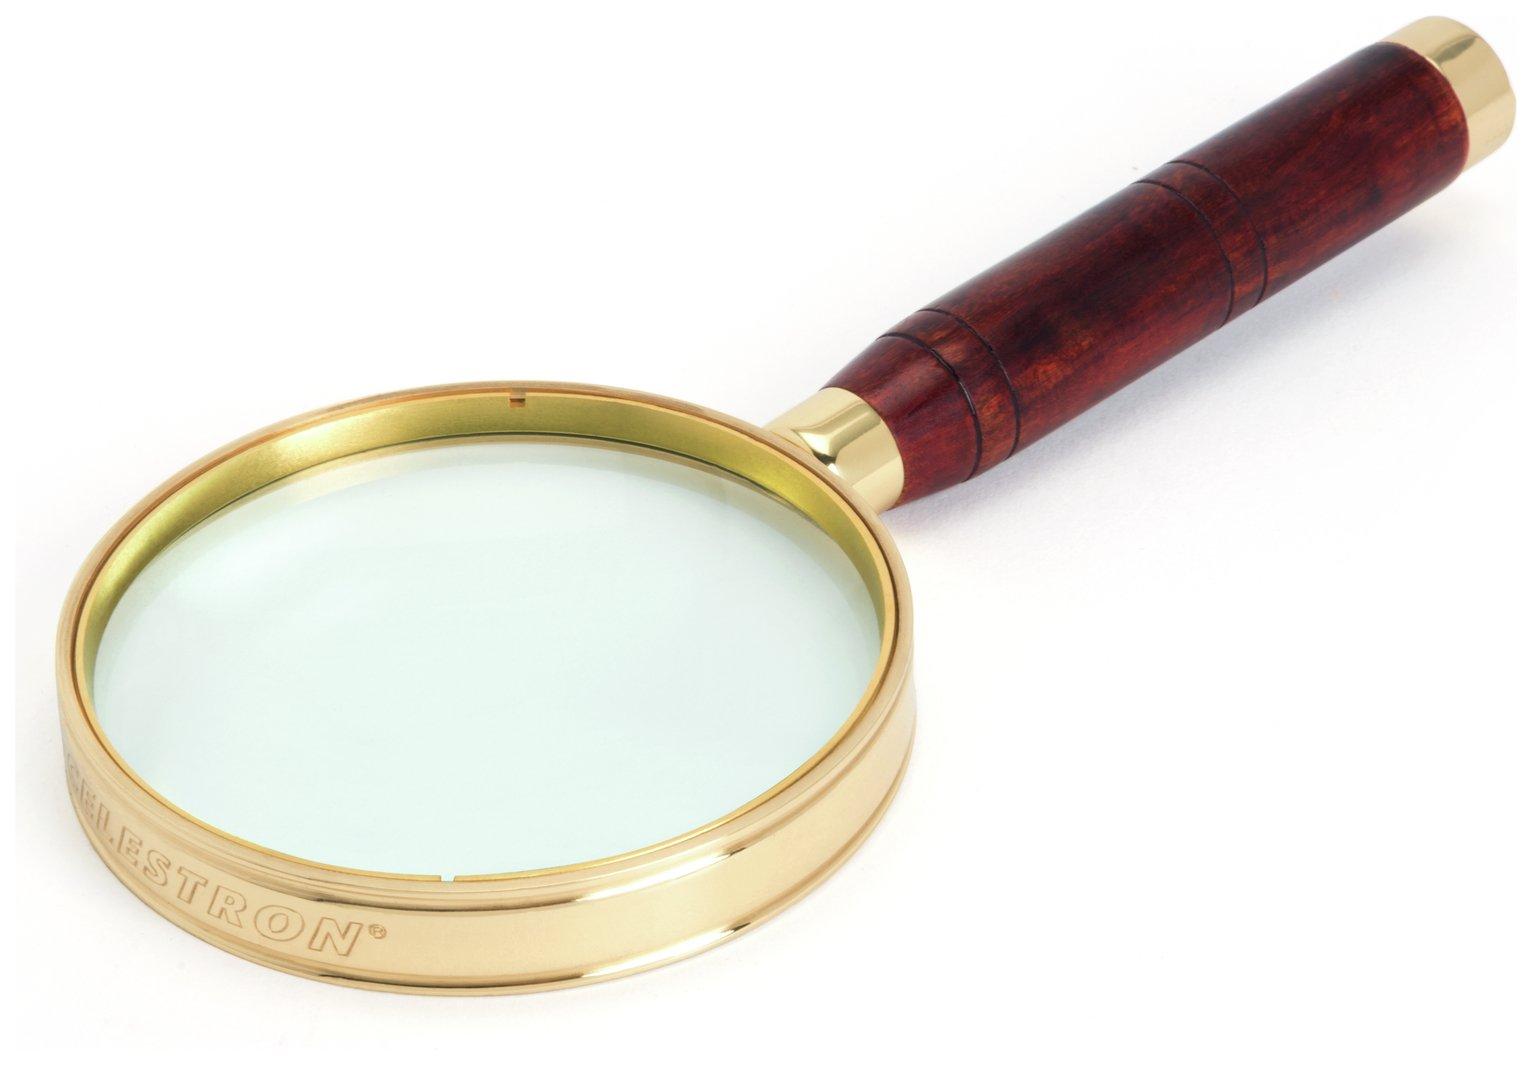 Image of Celestron Ambassador Magnifier Set